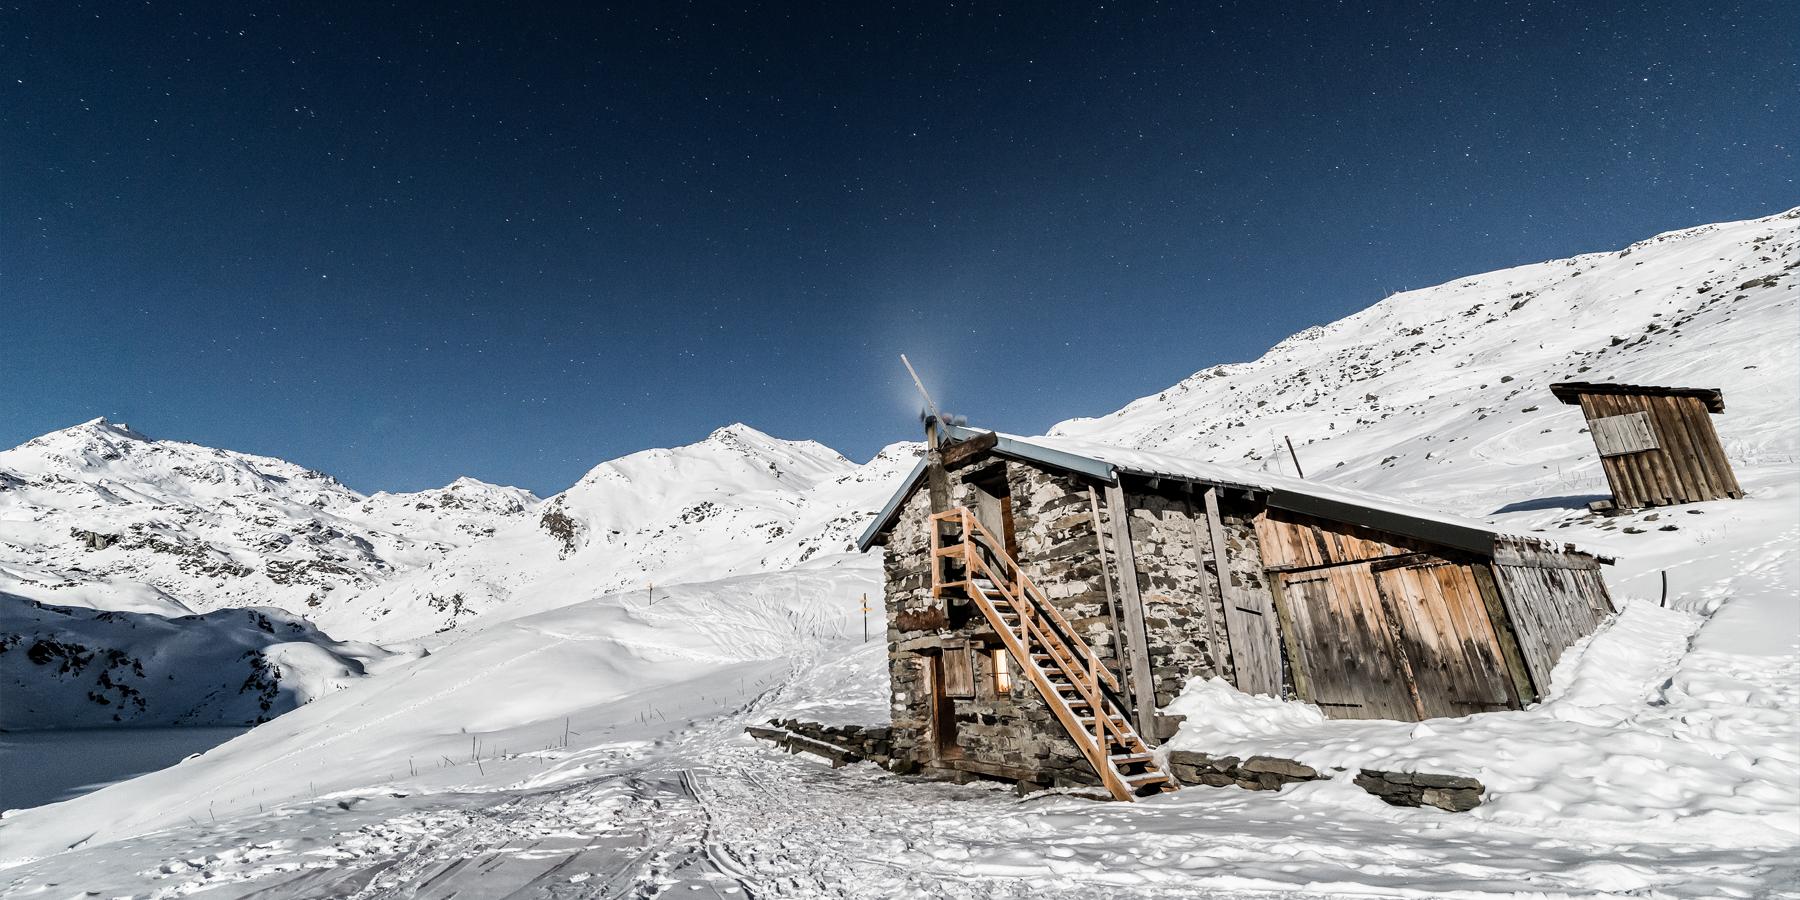 valthorensandyparant - Plongée sous glace à Val Thorens